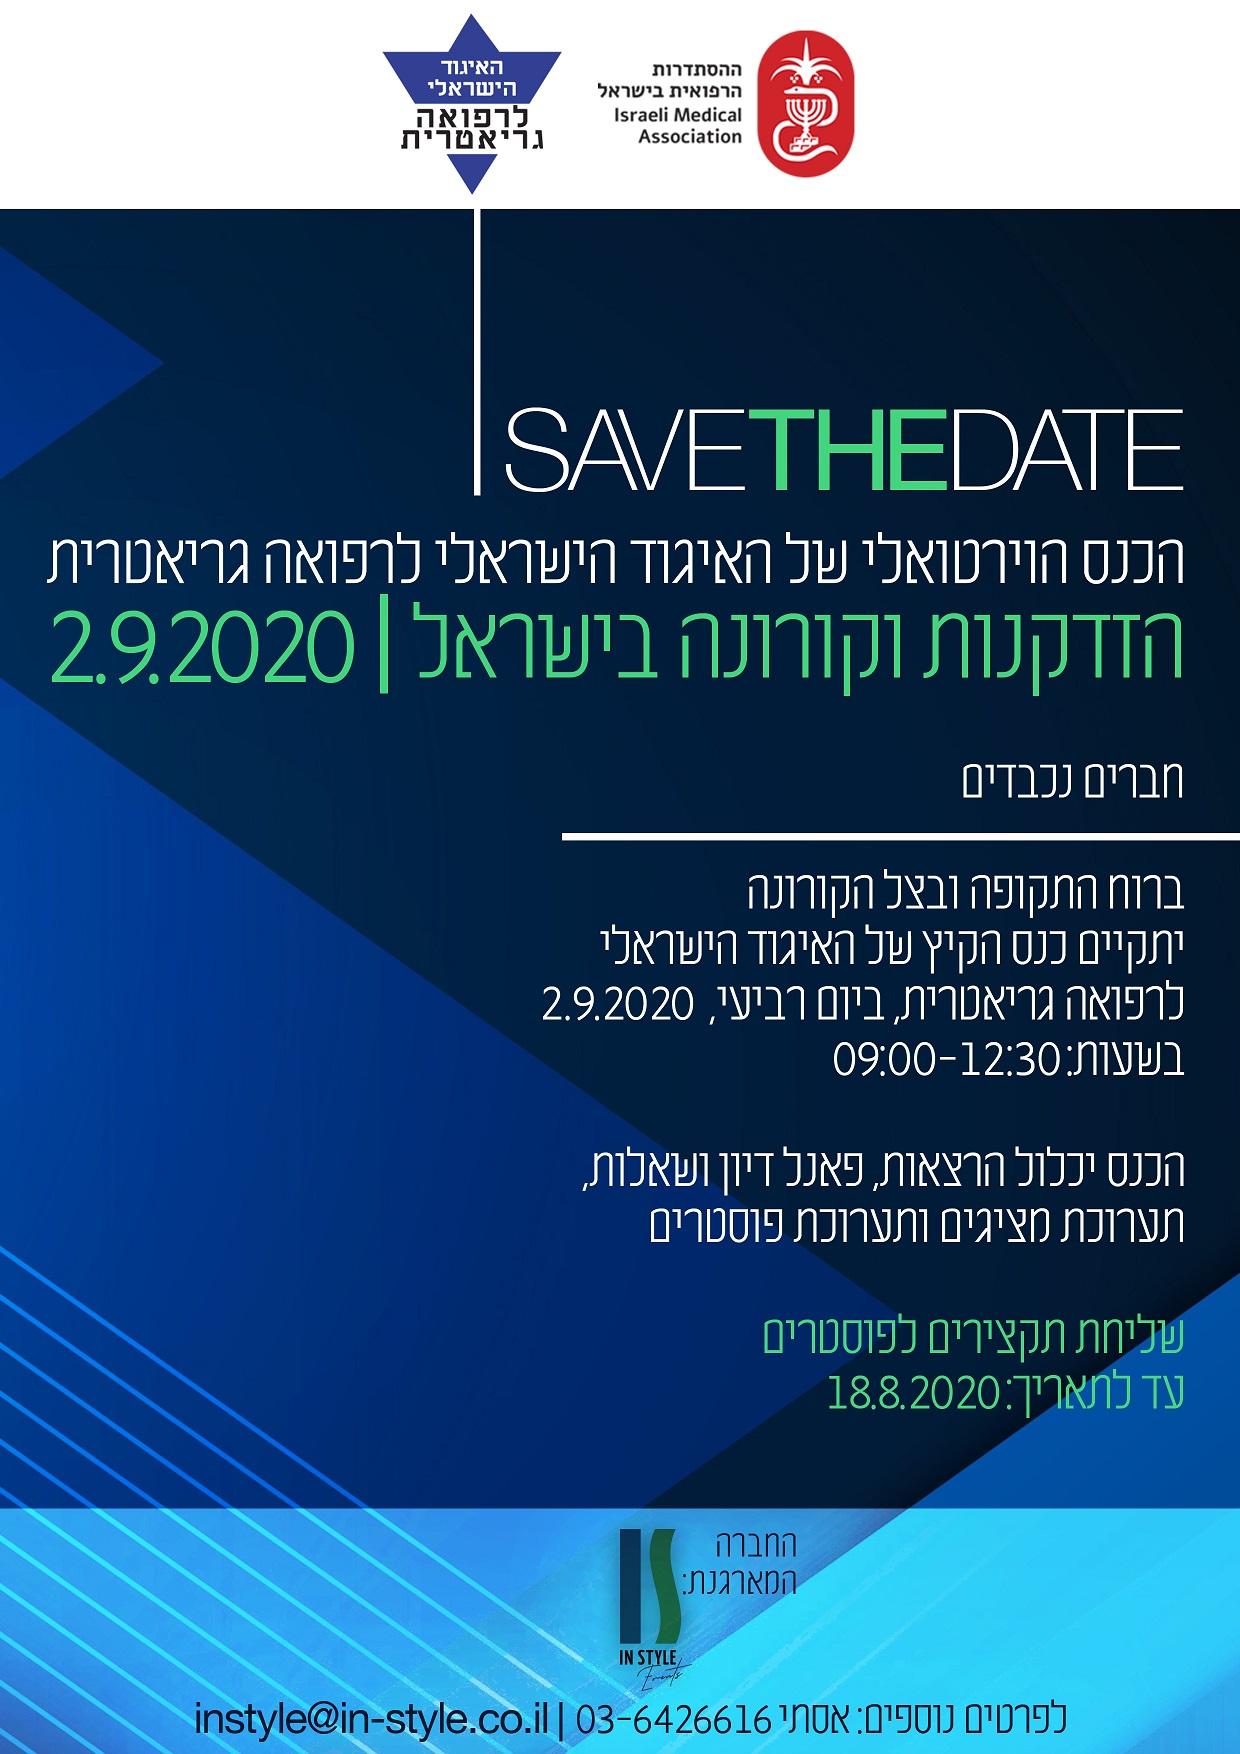 רשמו ביומנכם ! כנס הקיץ הוירטואלי יתקיים ב-2/9 בין 9:00-12:30 ! הנושא: הזדקנות וקורונה בישראל